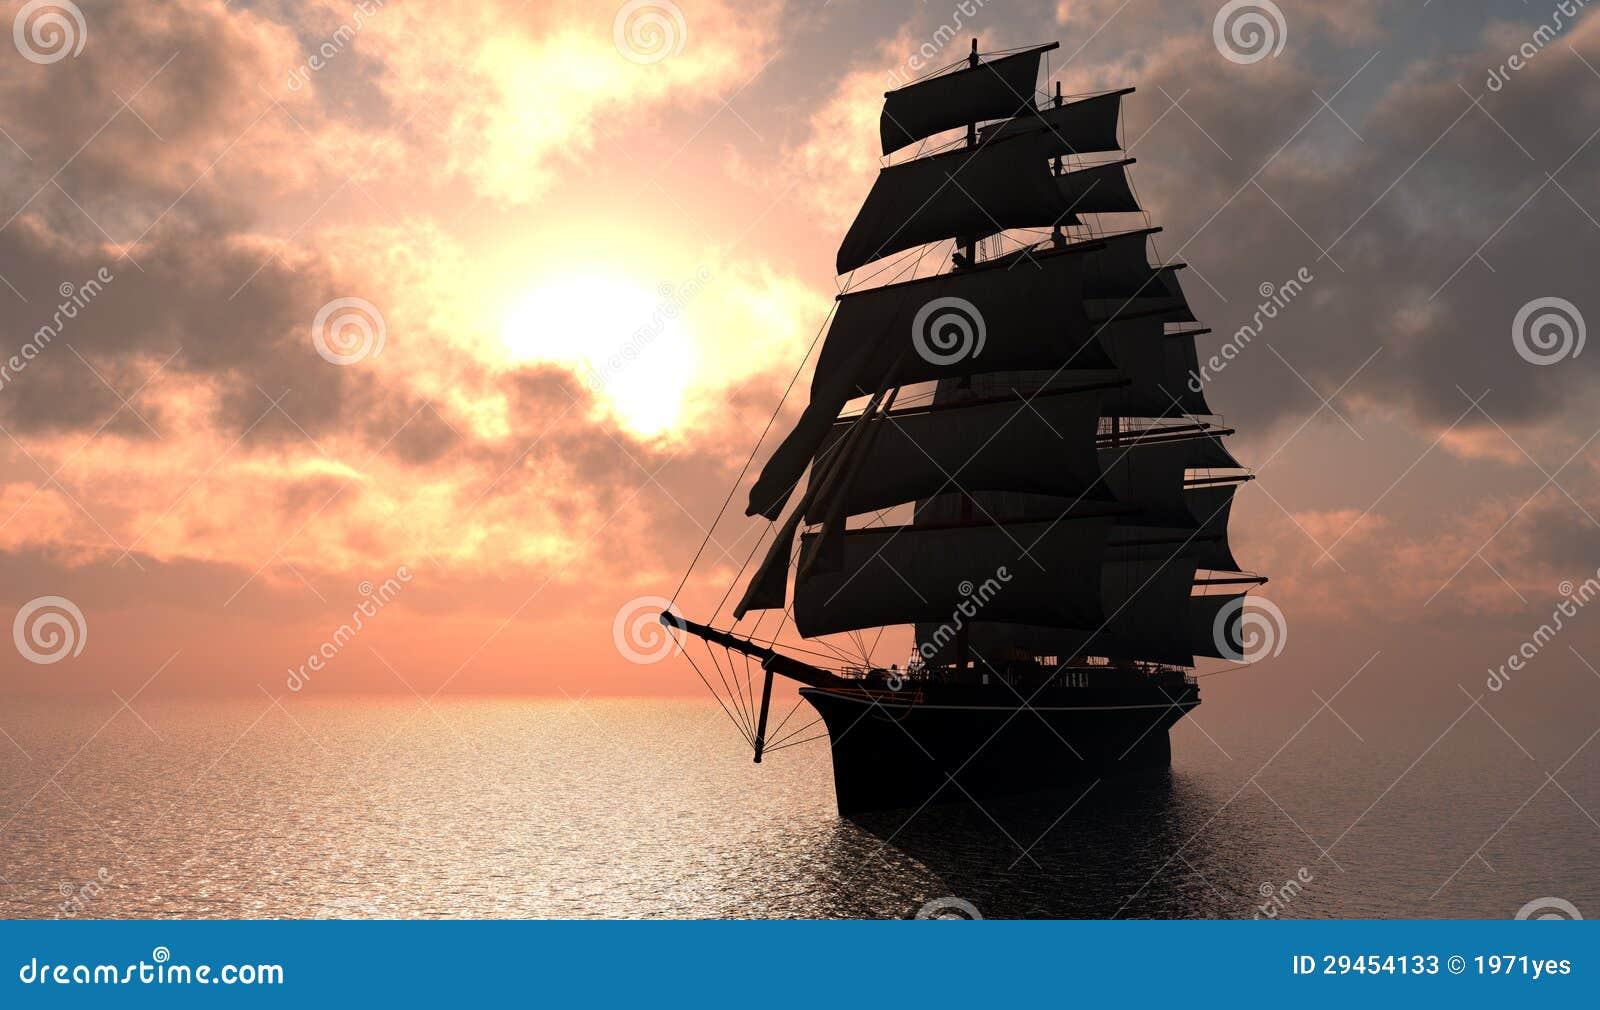 Segelbåt i havet.